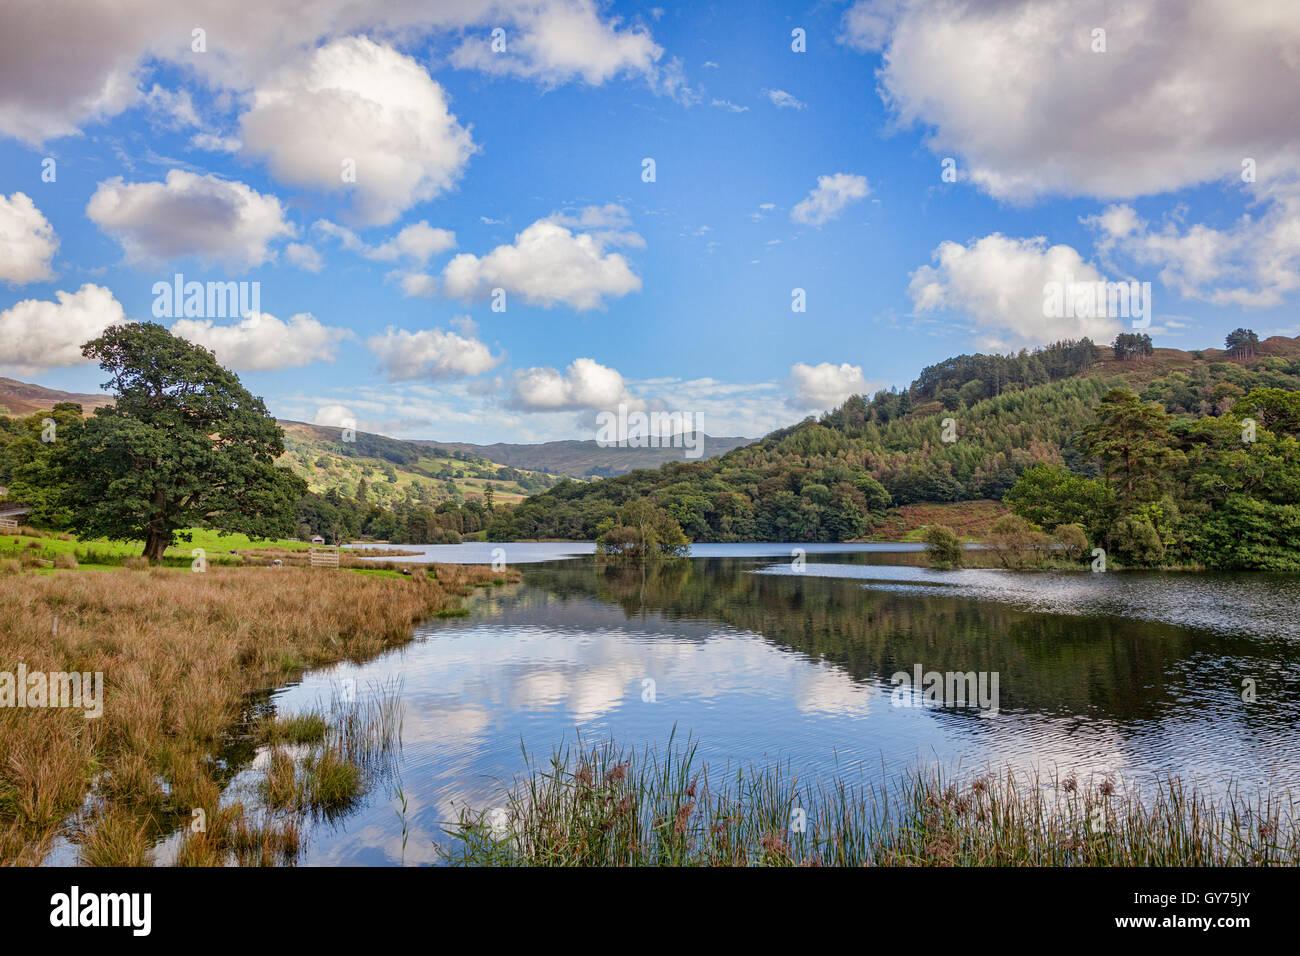 Rydal acqua, Parco Nazionale del Distretto dei Laghi, Cumbria, England, Regno Unito Immagini Stock